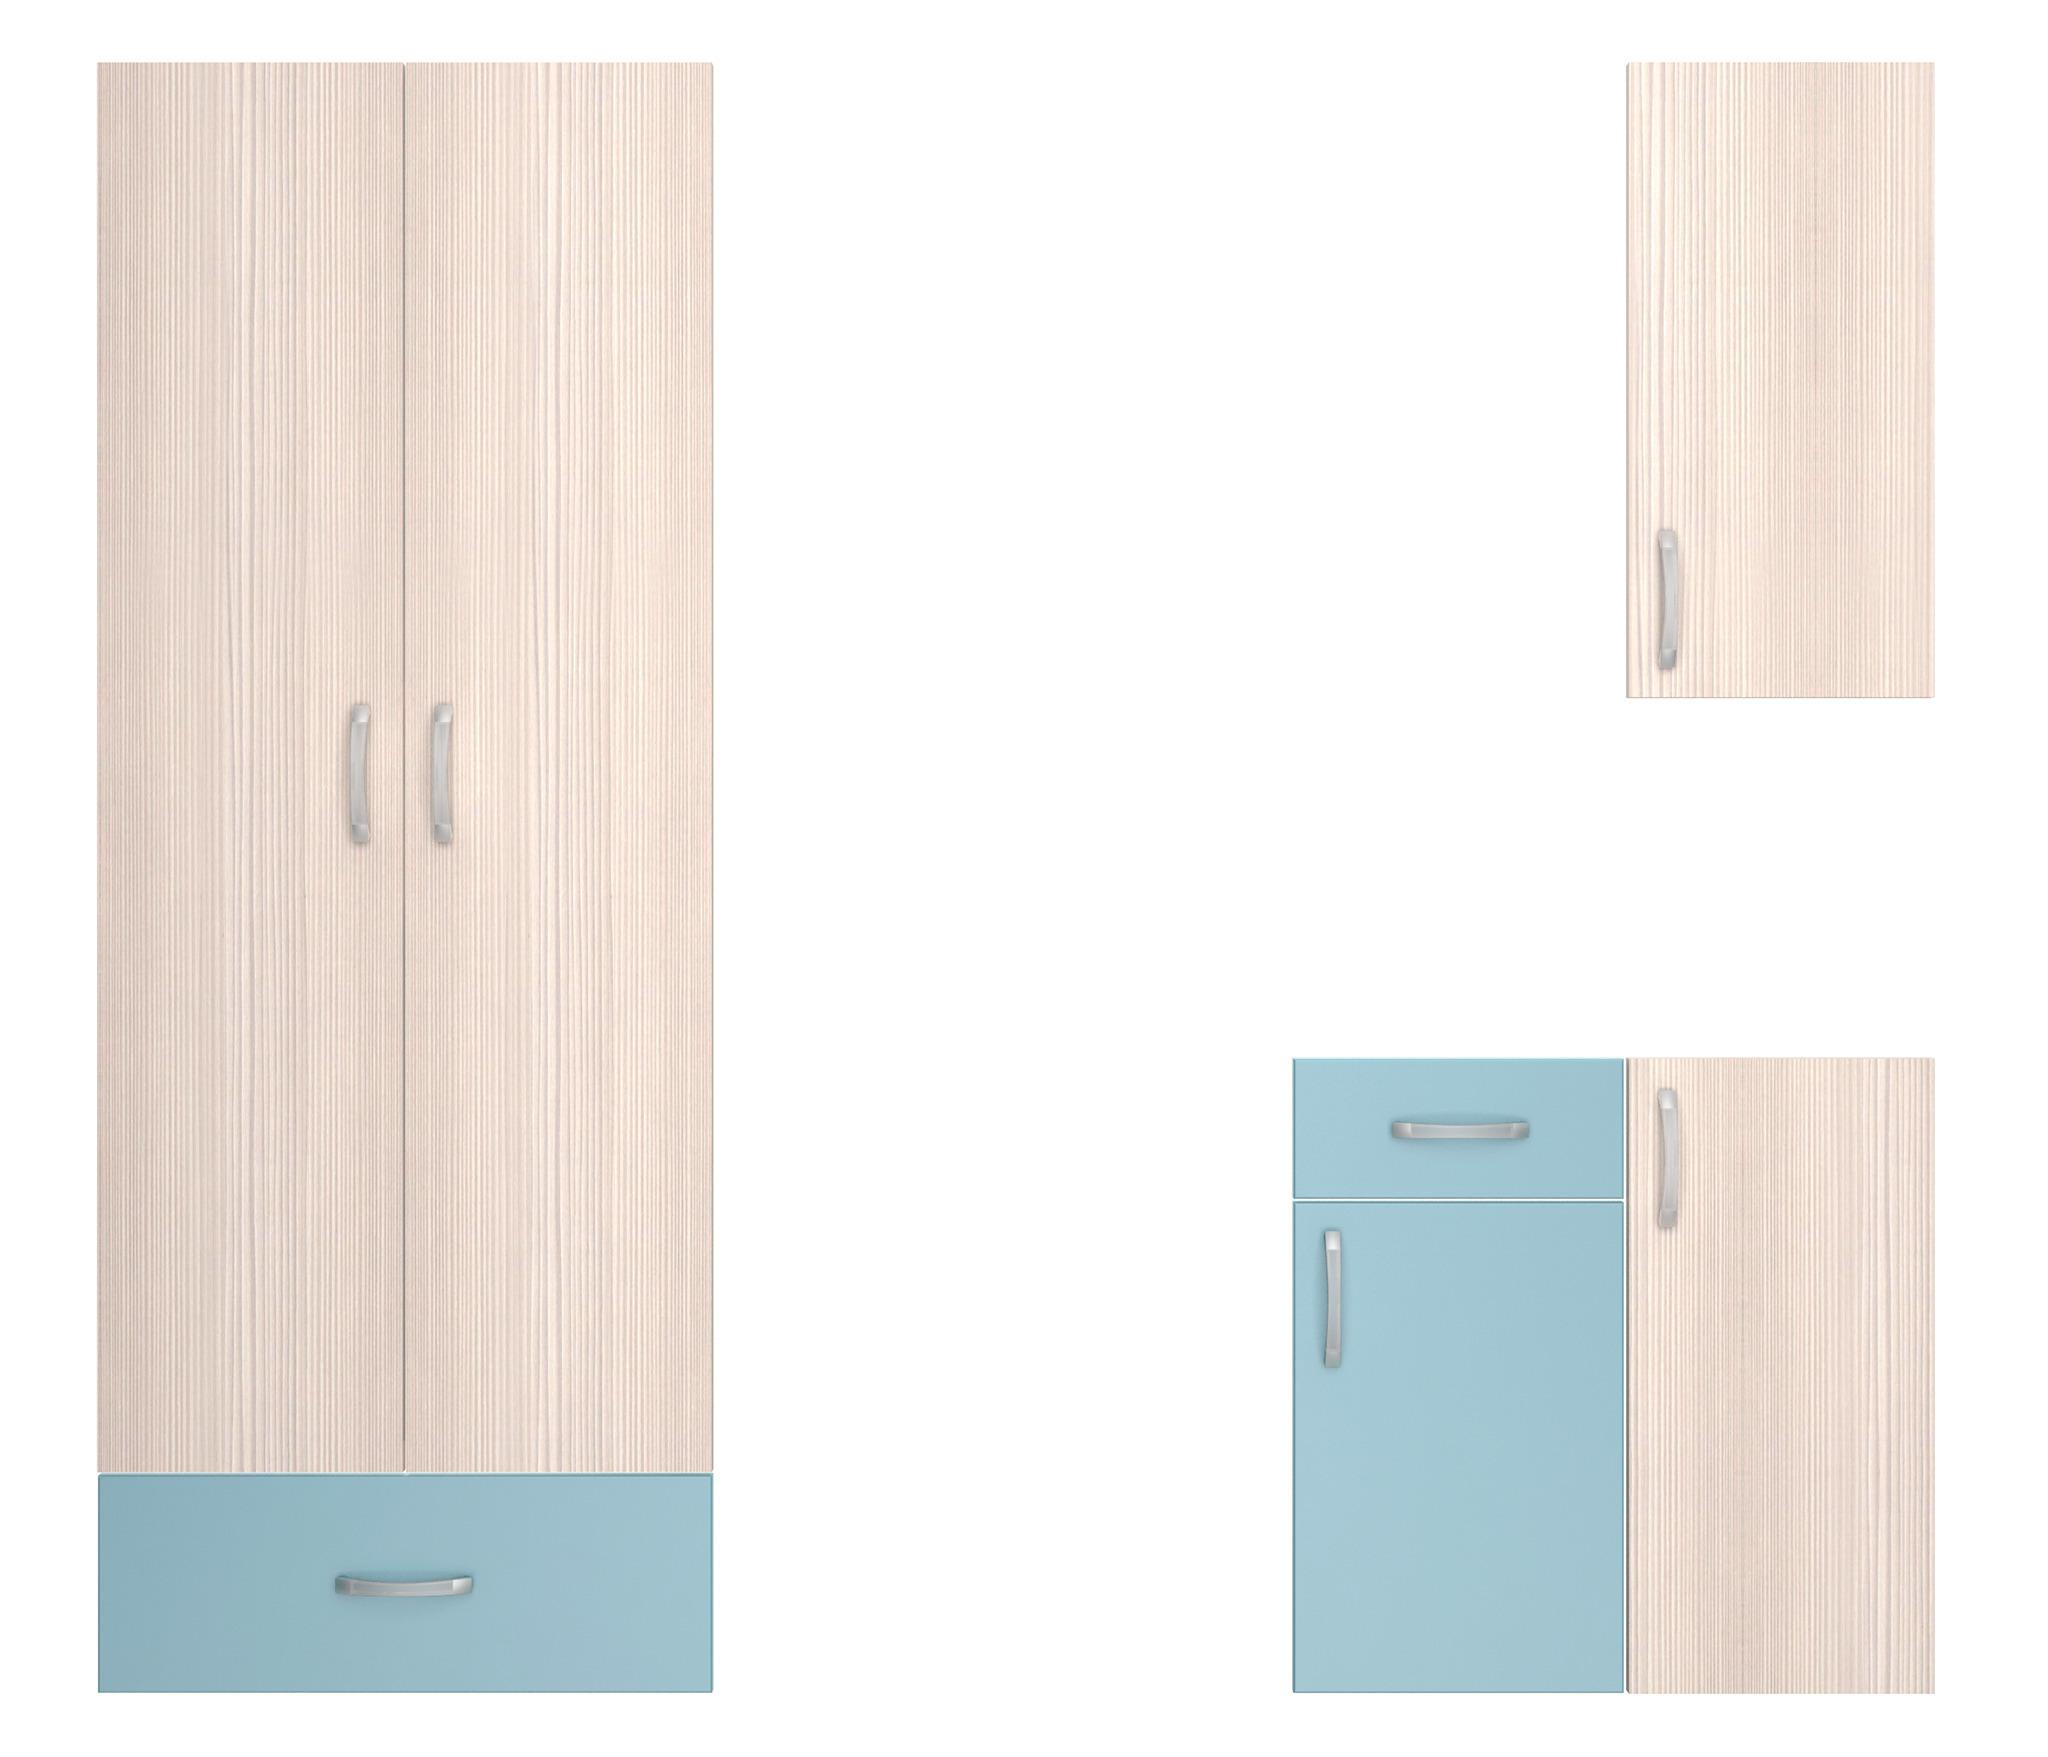 Флауэ СТЛ.170.02М Комплект фасадовМебель для детской<br><br><br>Длина мм: 0<br>Высота мм: 0<br>Глубина мм: 0